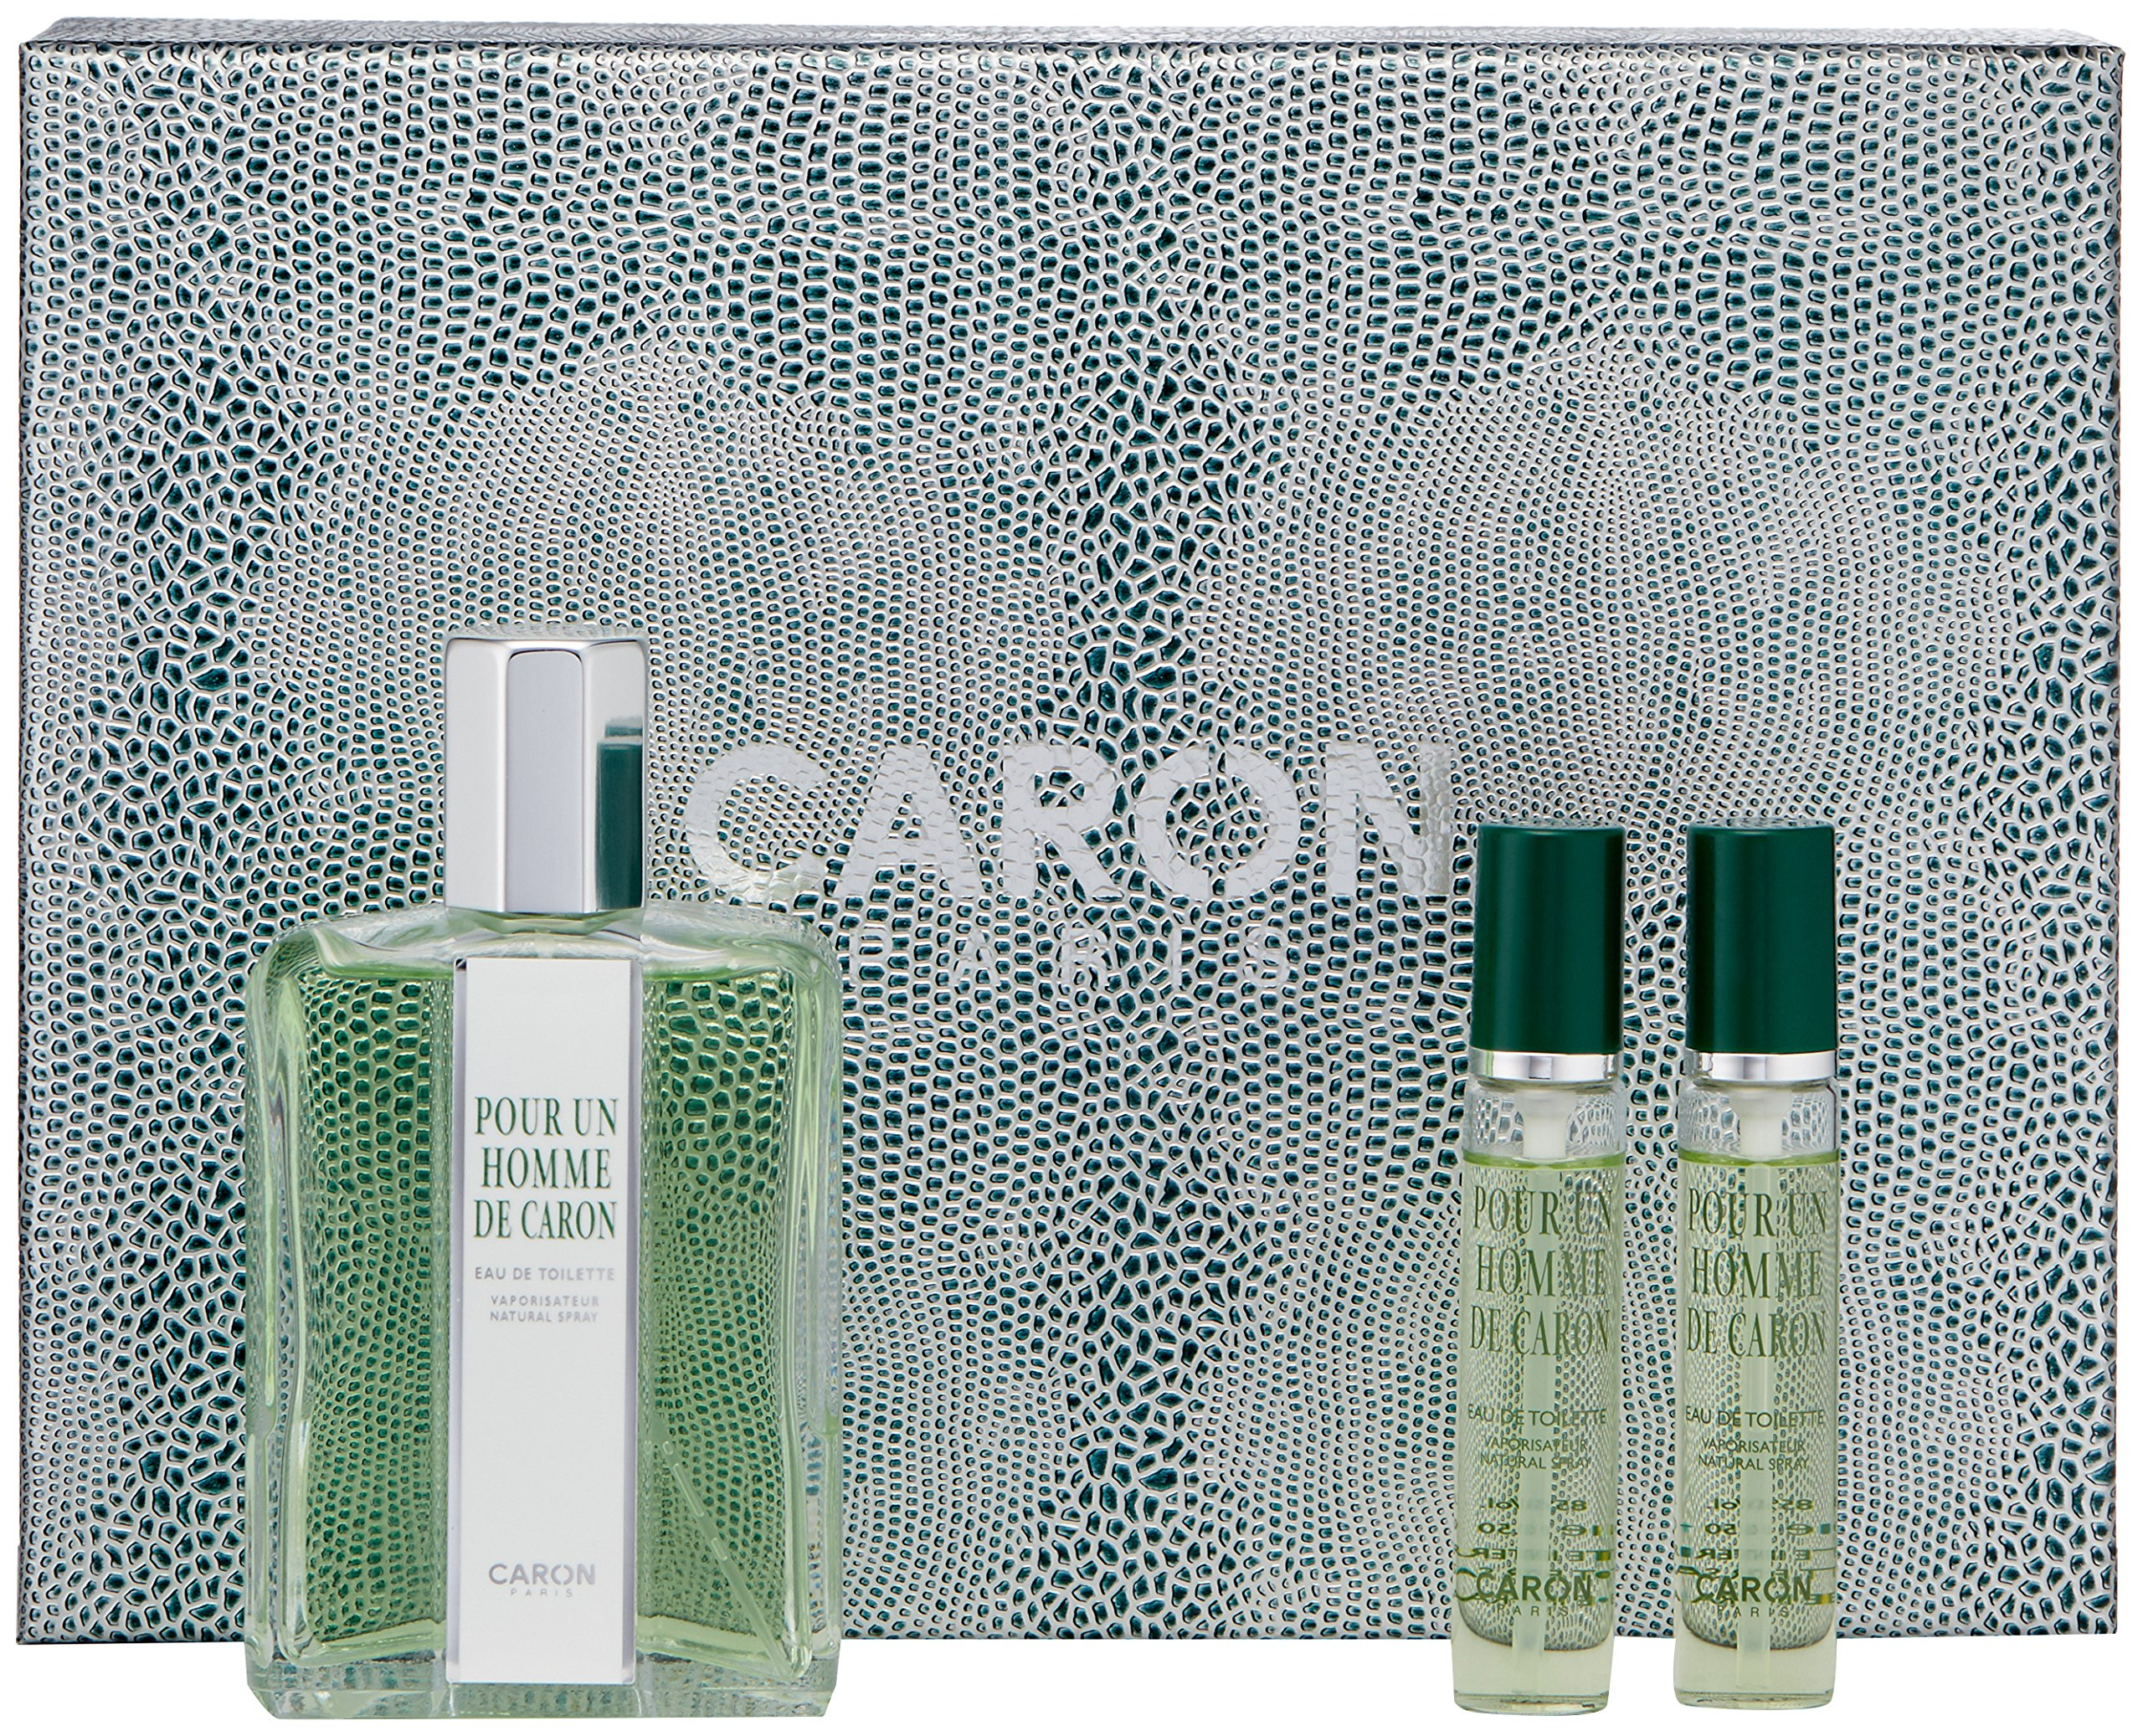 CARON PARIS Pour Un Homme De Caron 155ml Gift Set